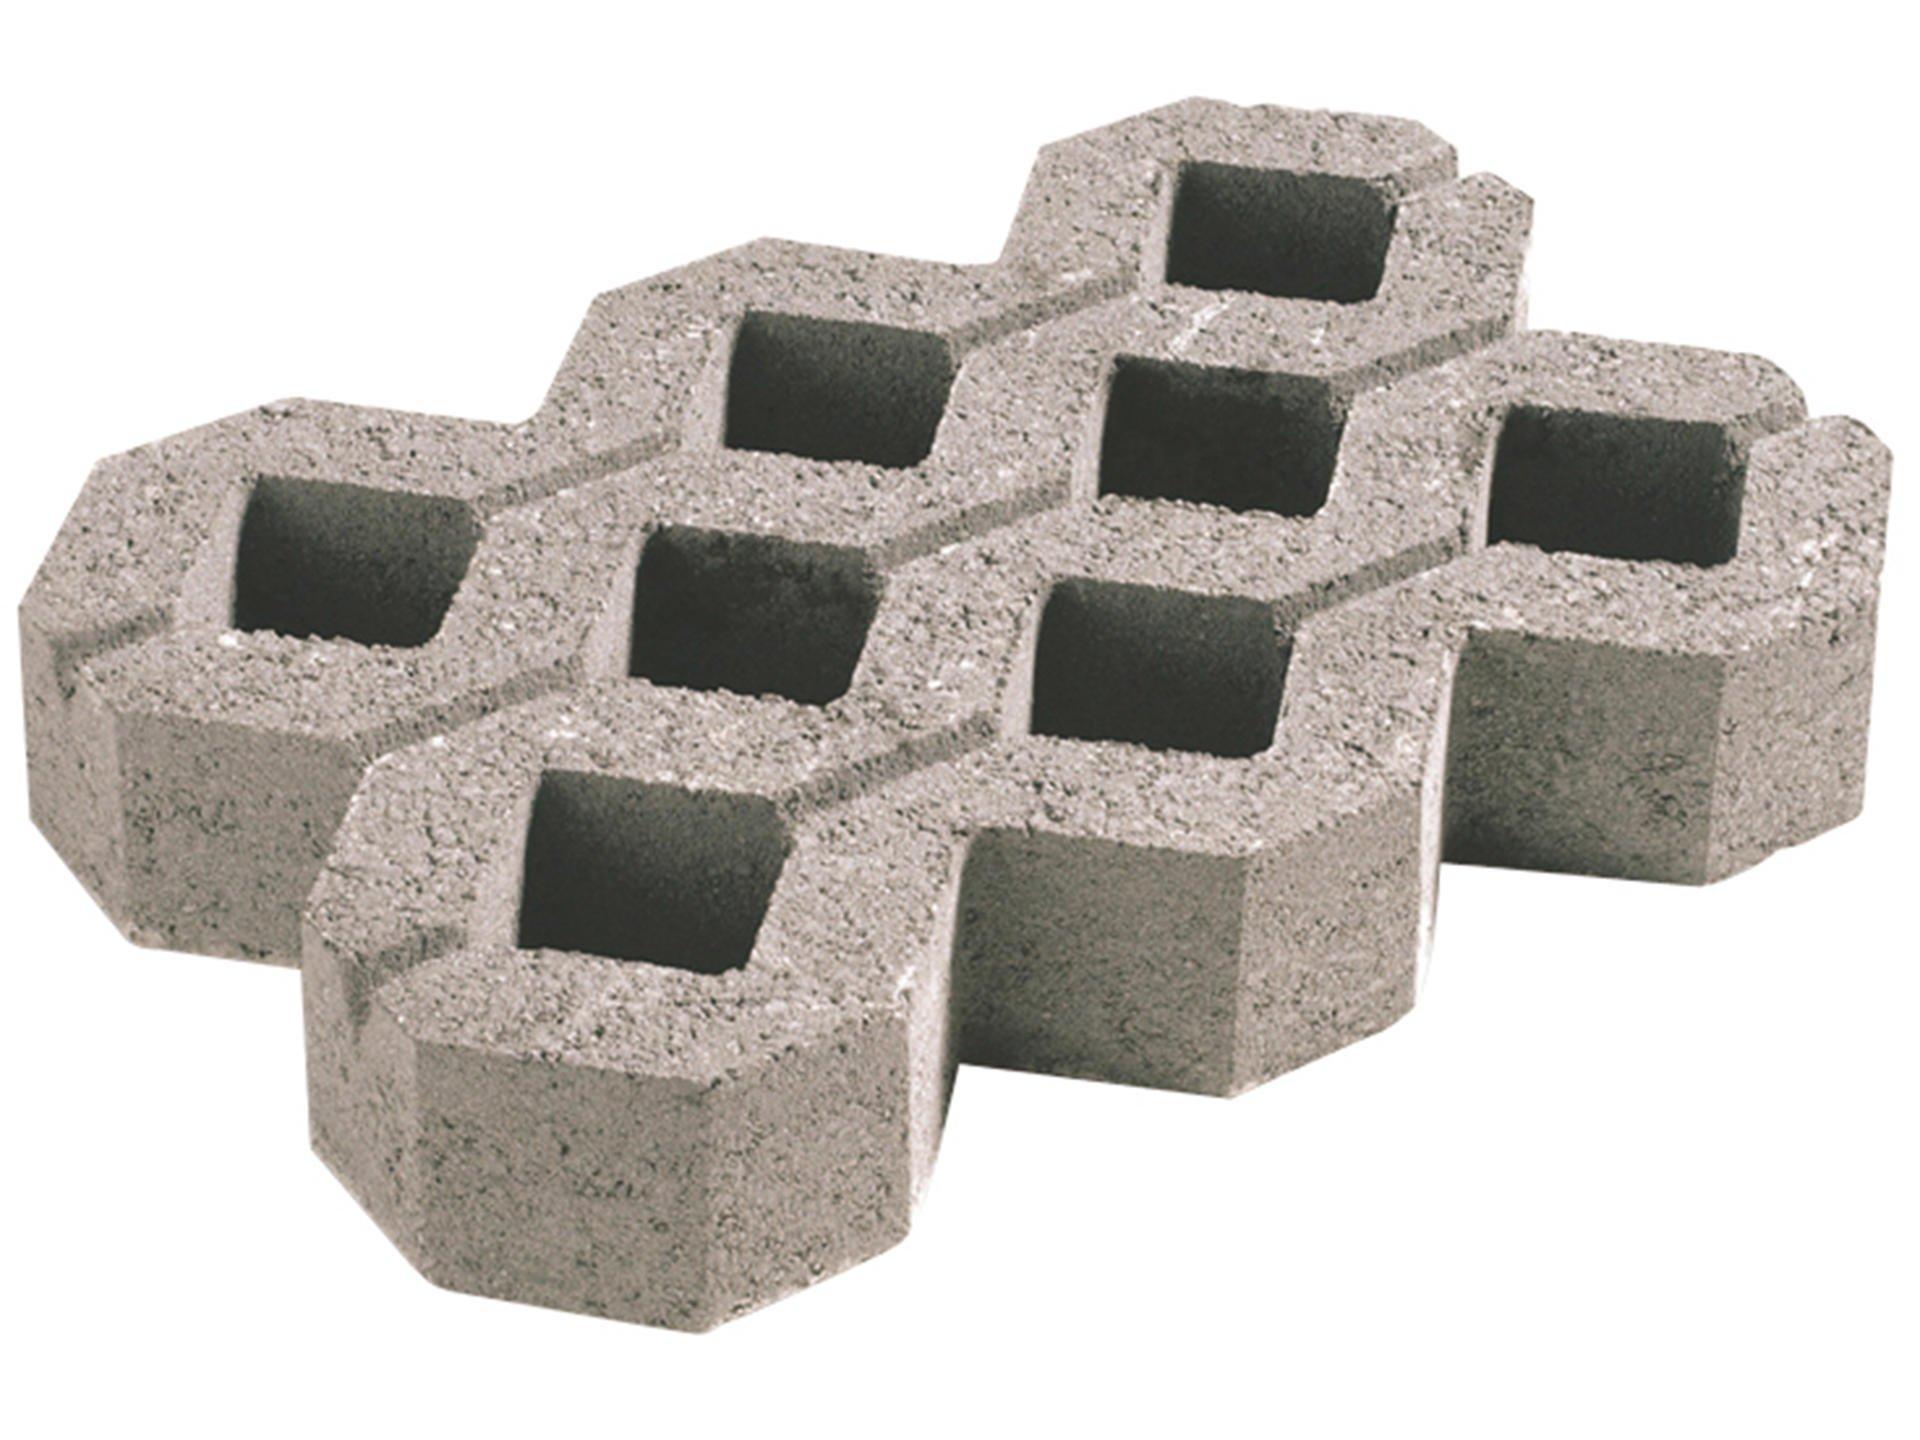 bouw punt de witte promoties beton klinkers platen. Black Bedroom Furniture Sets. Home Design Ideas